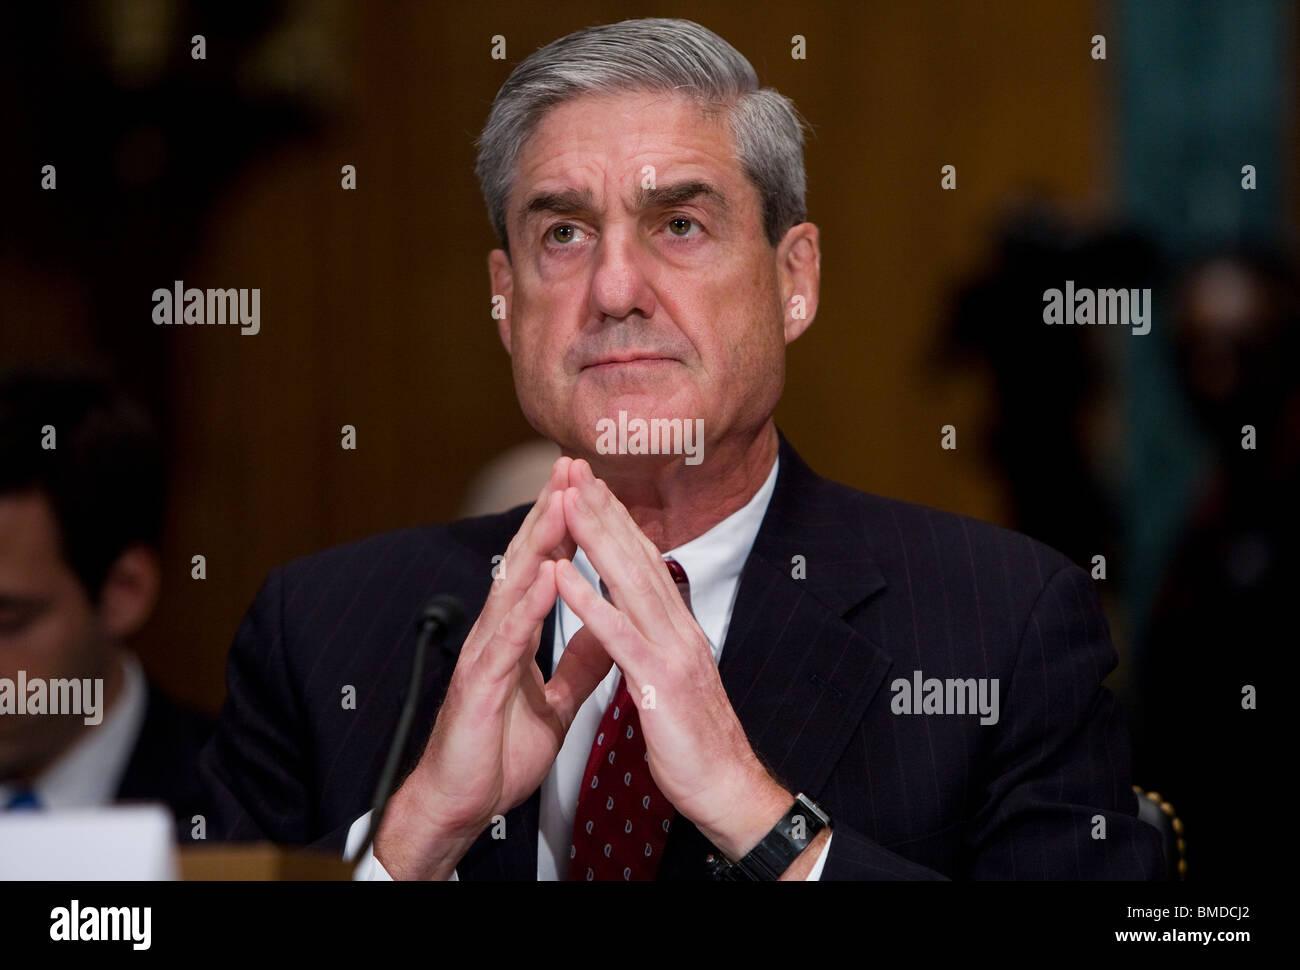 FBI Chief Robert Mueller. - Stock Image